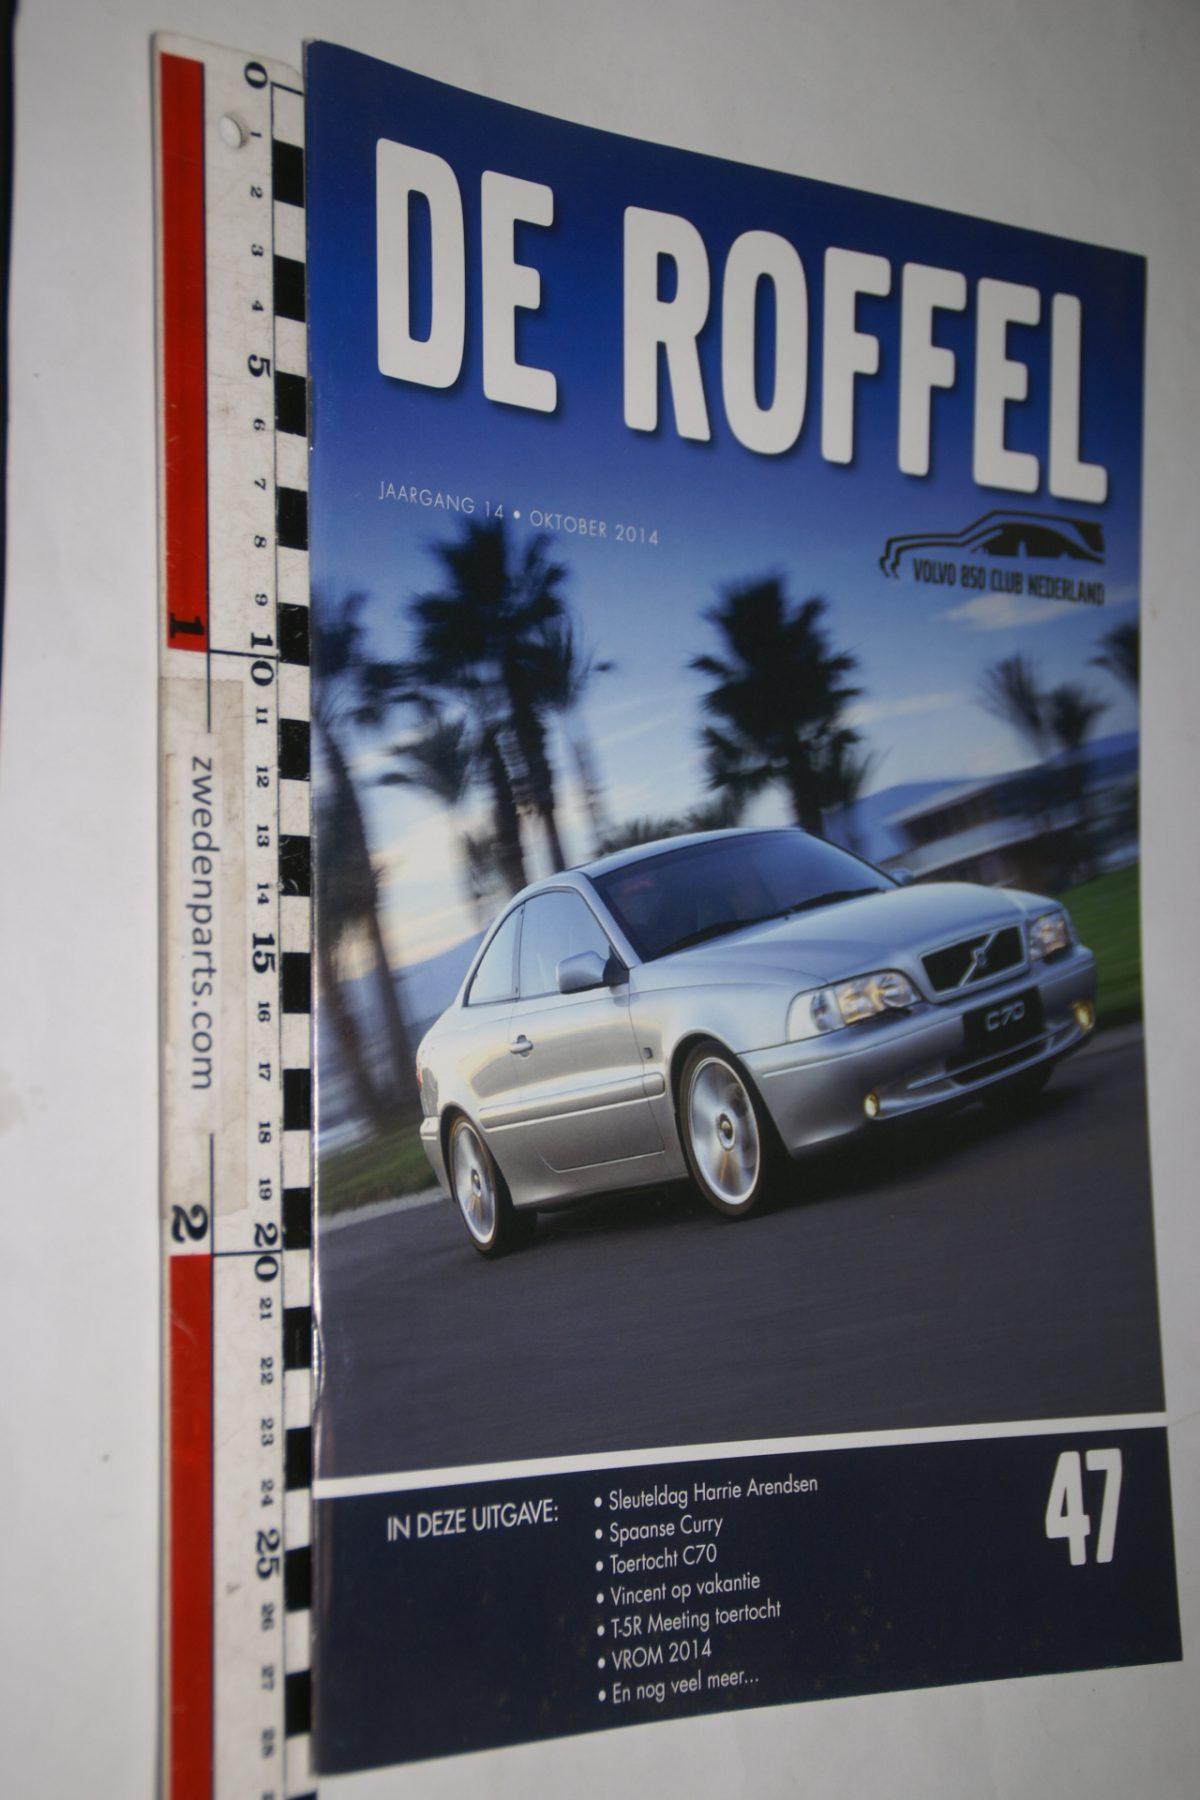 DSC05171 2014 tijdschrift De Roffel Volvo 850  nr 47